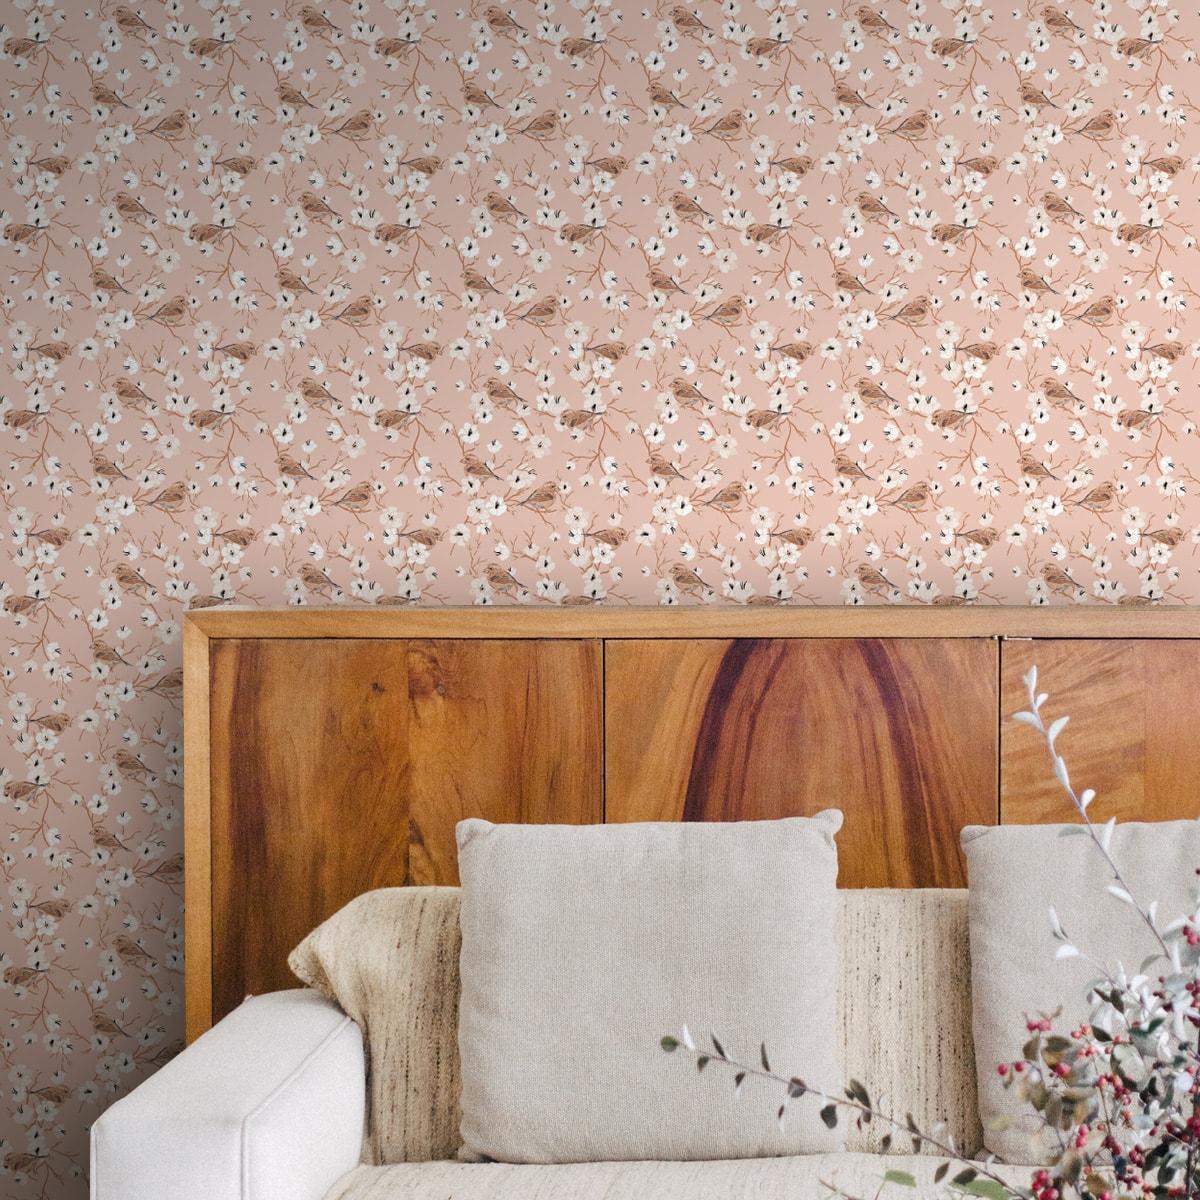 """Tapete für Büroräume creme: Frühlings Blumentapete """"Kirschblüten Spatz"""" mit Vögeln, puder beige Vlies Tapete, schön für Flur, Büro"""